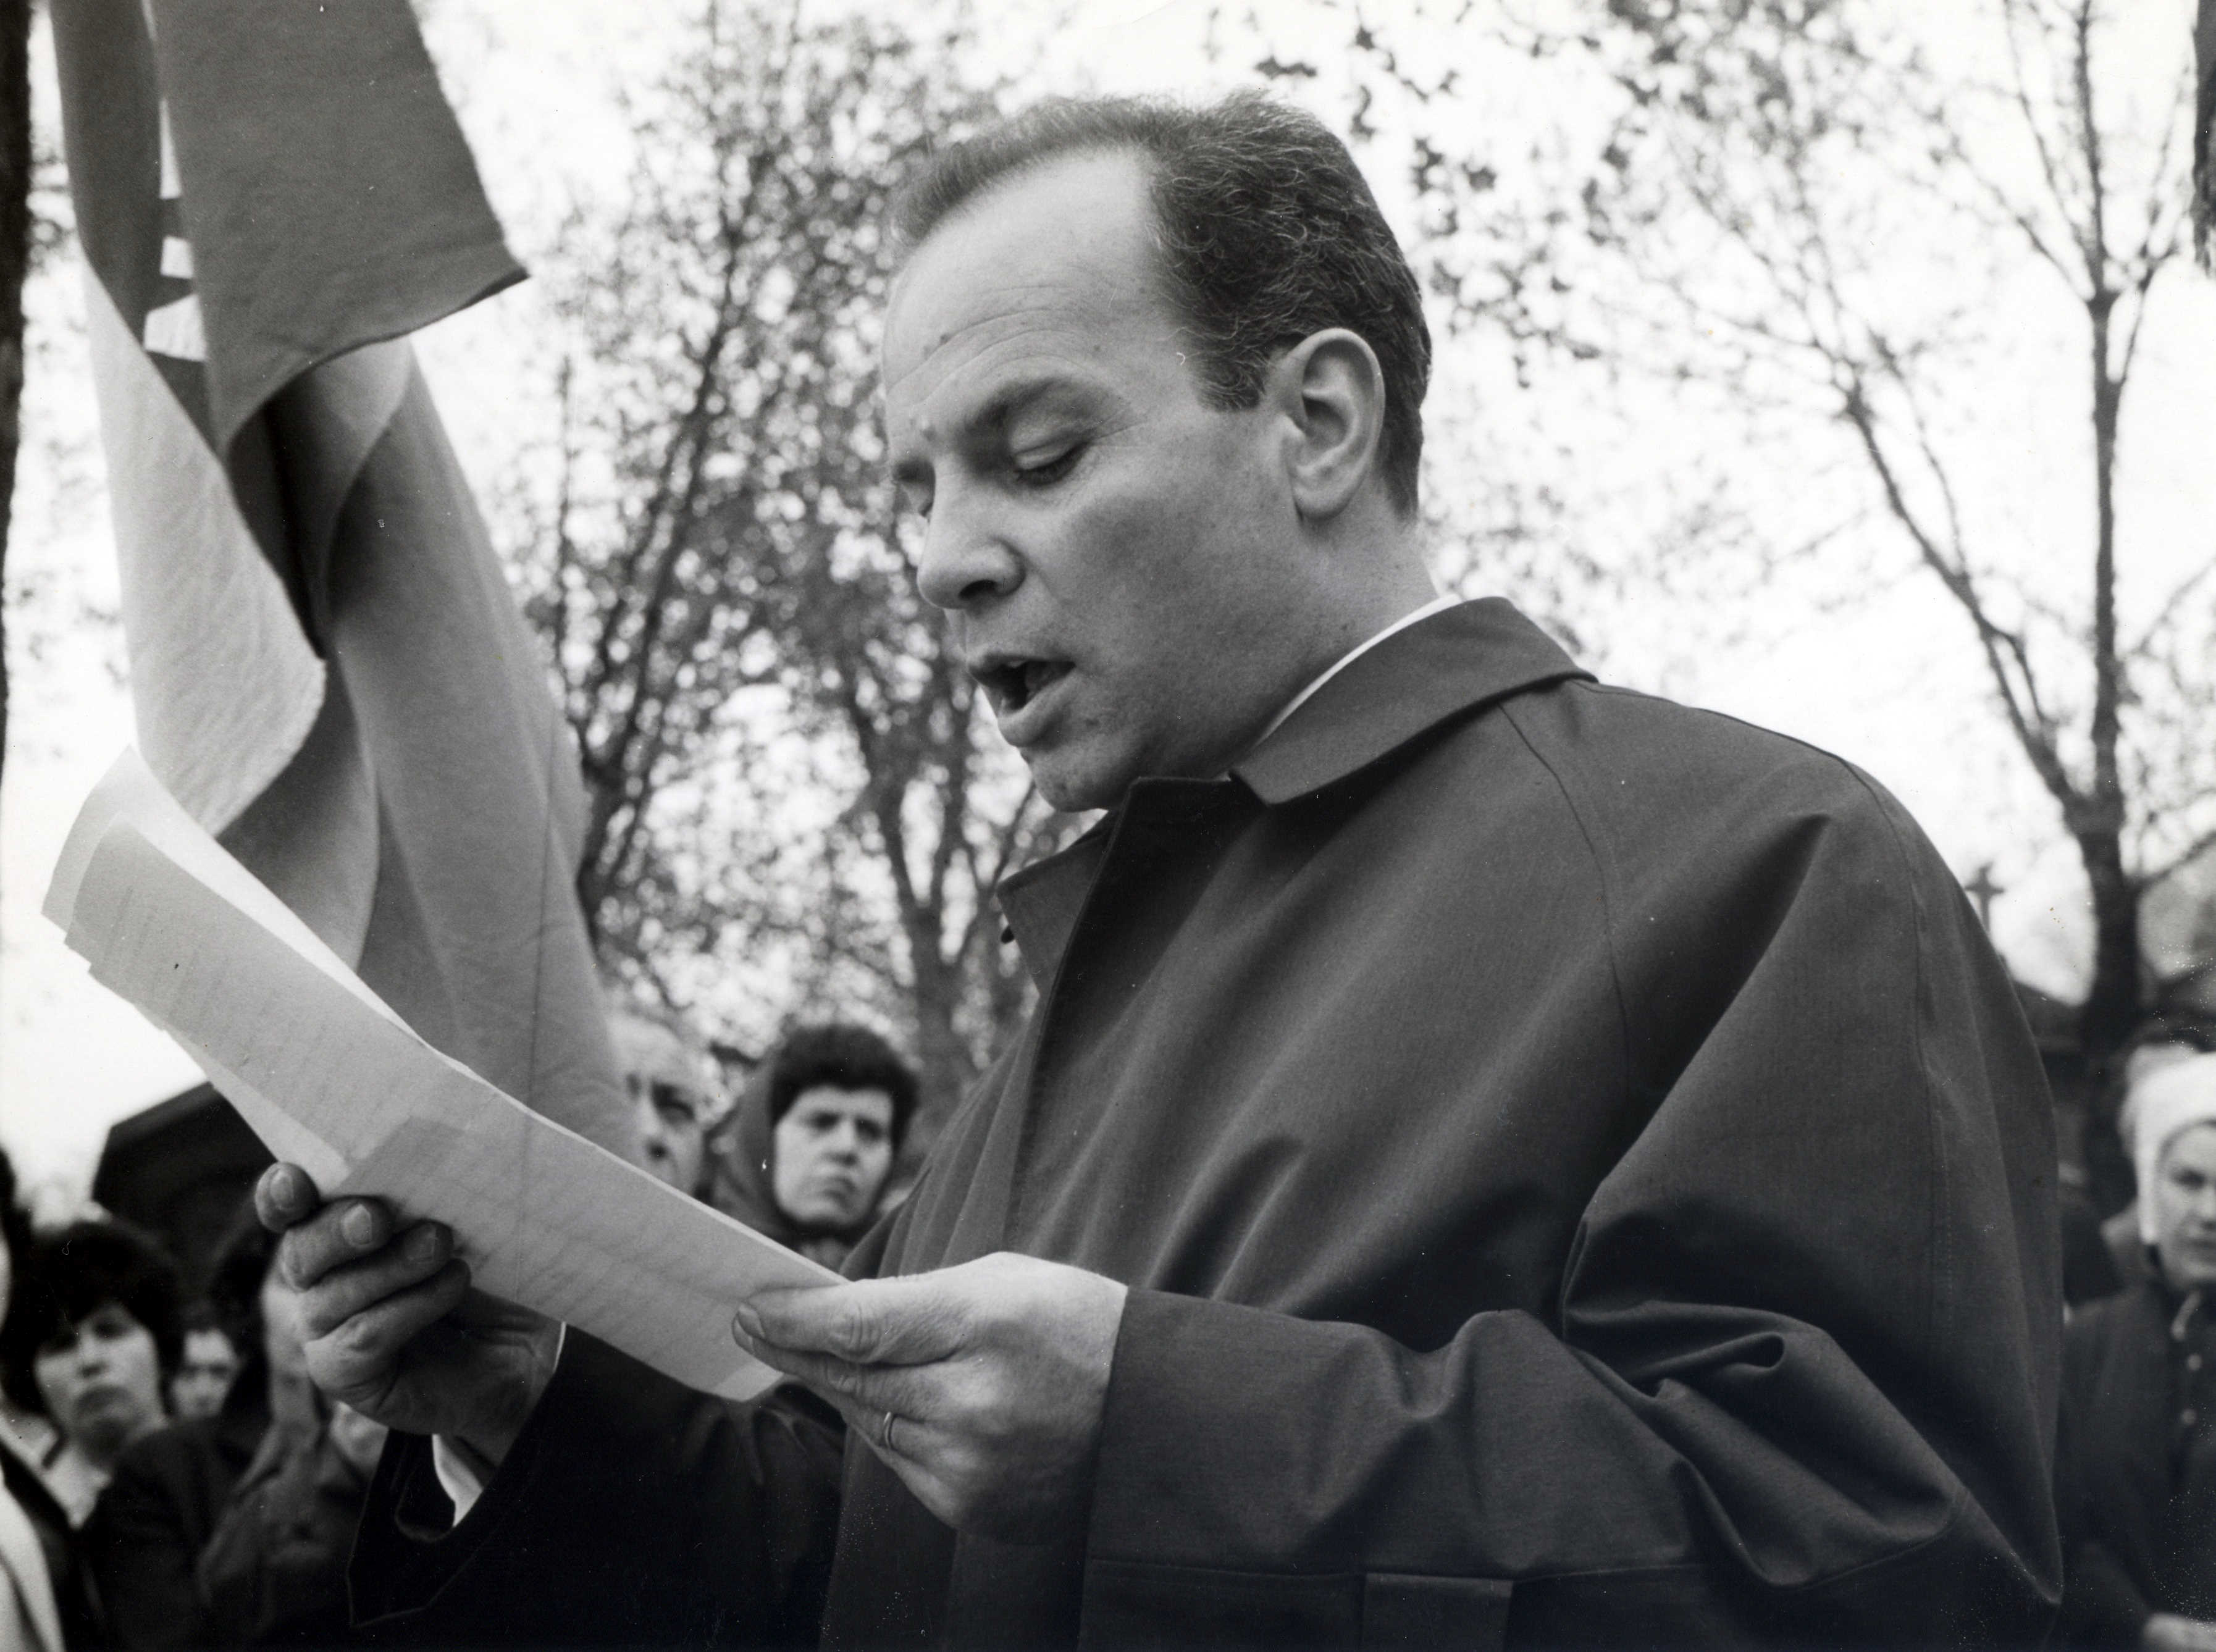 Ángel Olivares Gallego parlant en la inauguració del monument de la FEDIP a Père-Lachaise (13 d'abril de 1969)